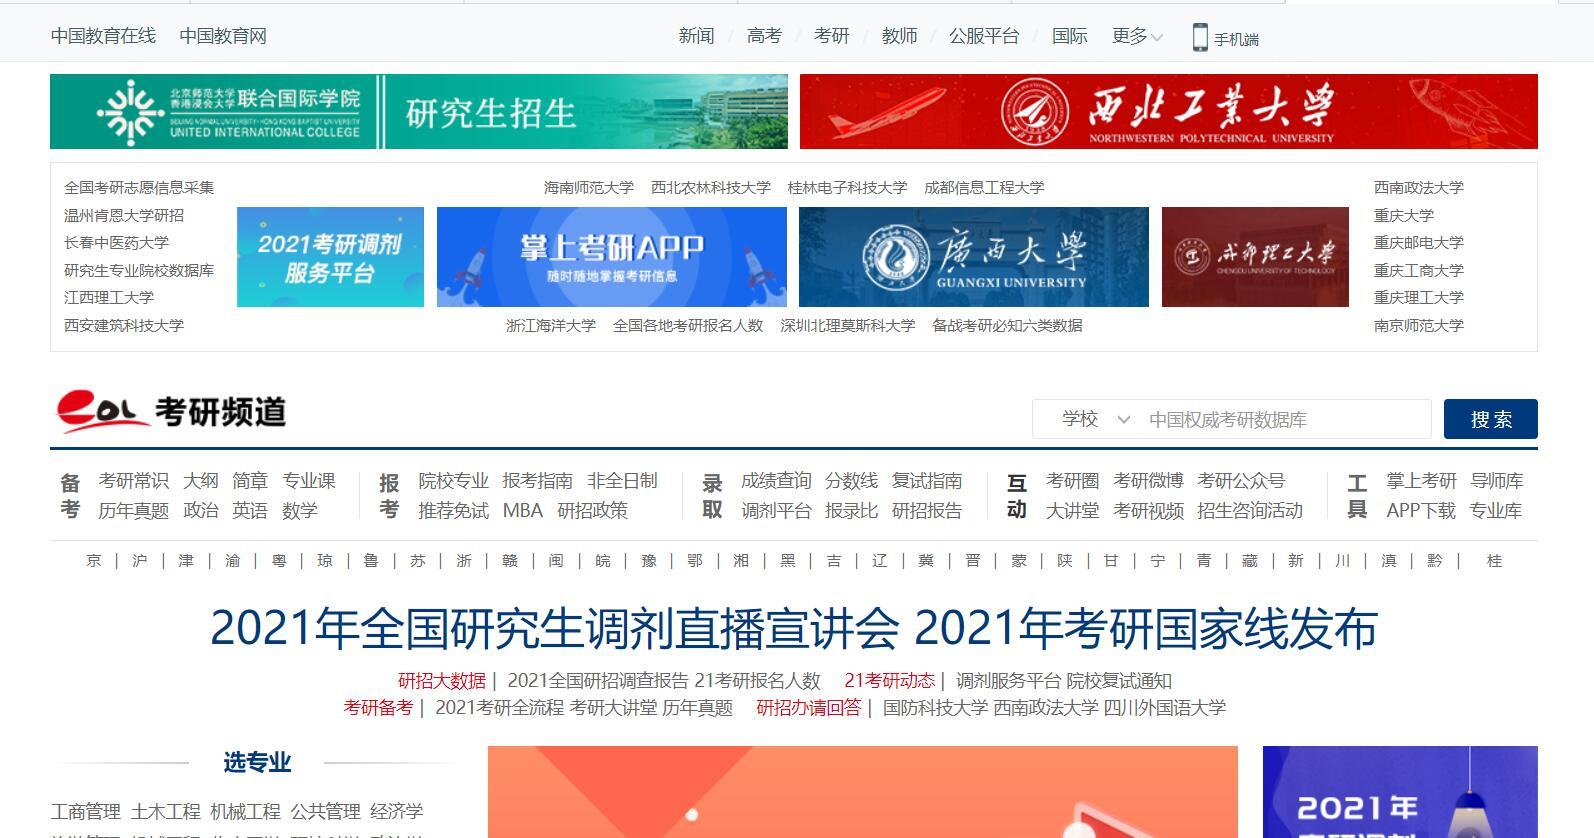 中国教育在线考研频道